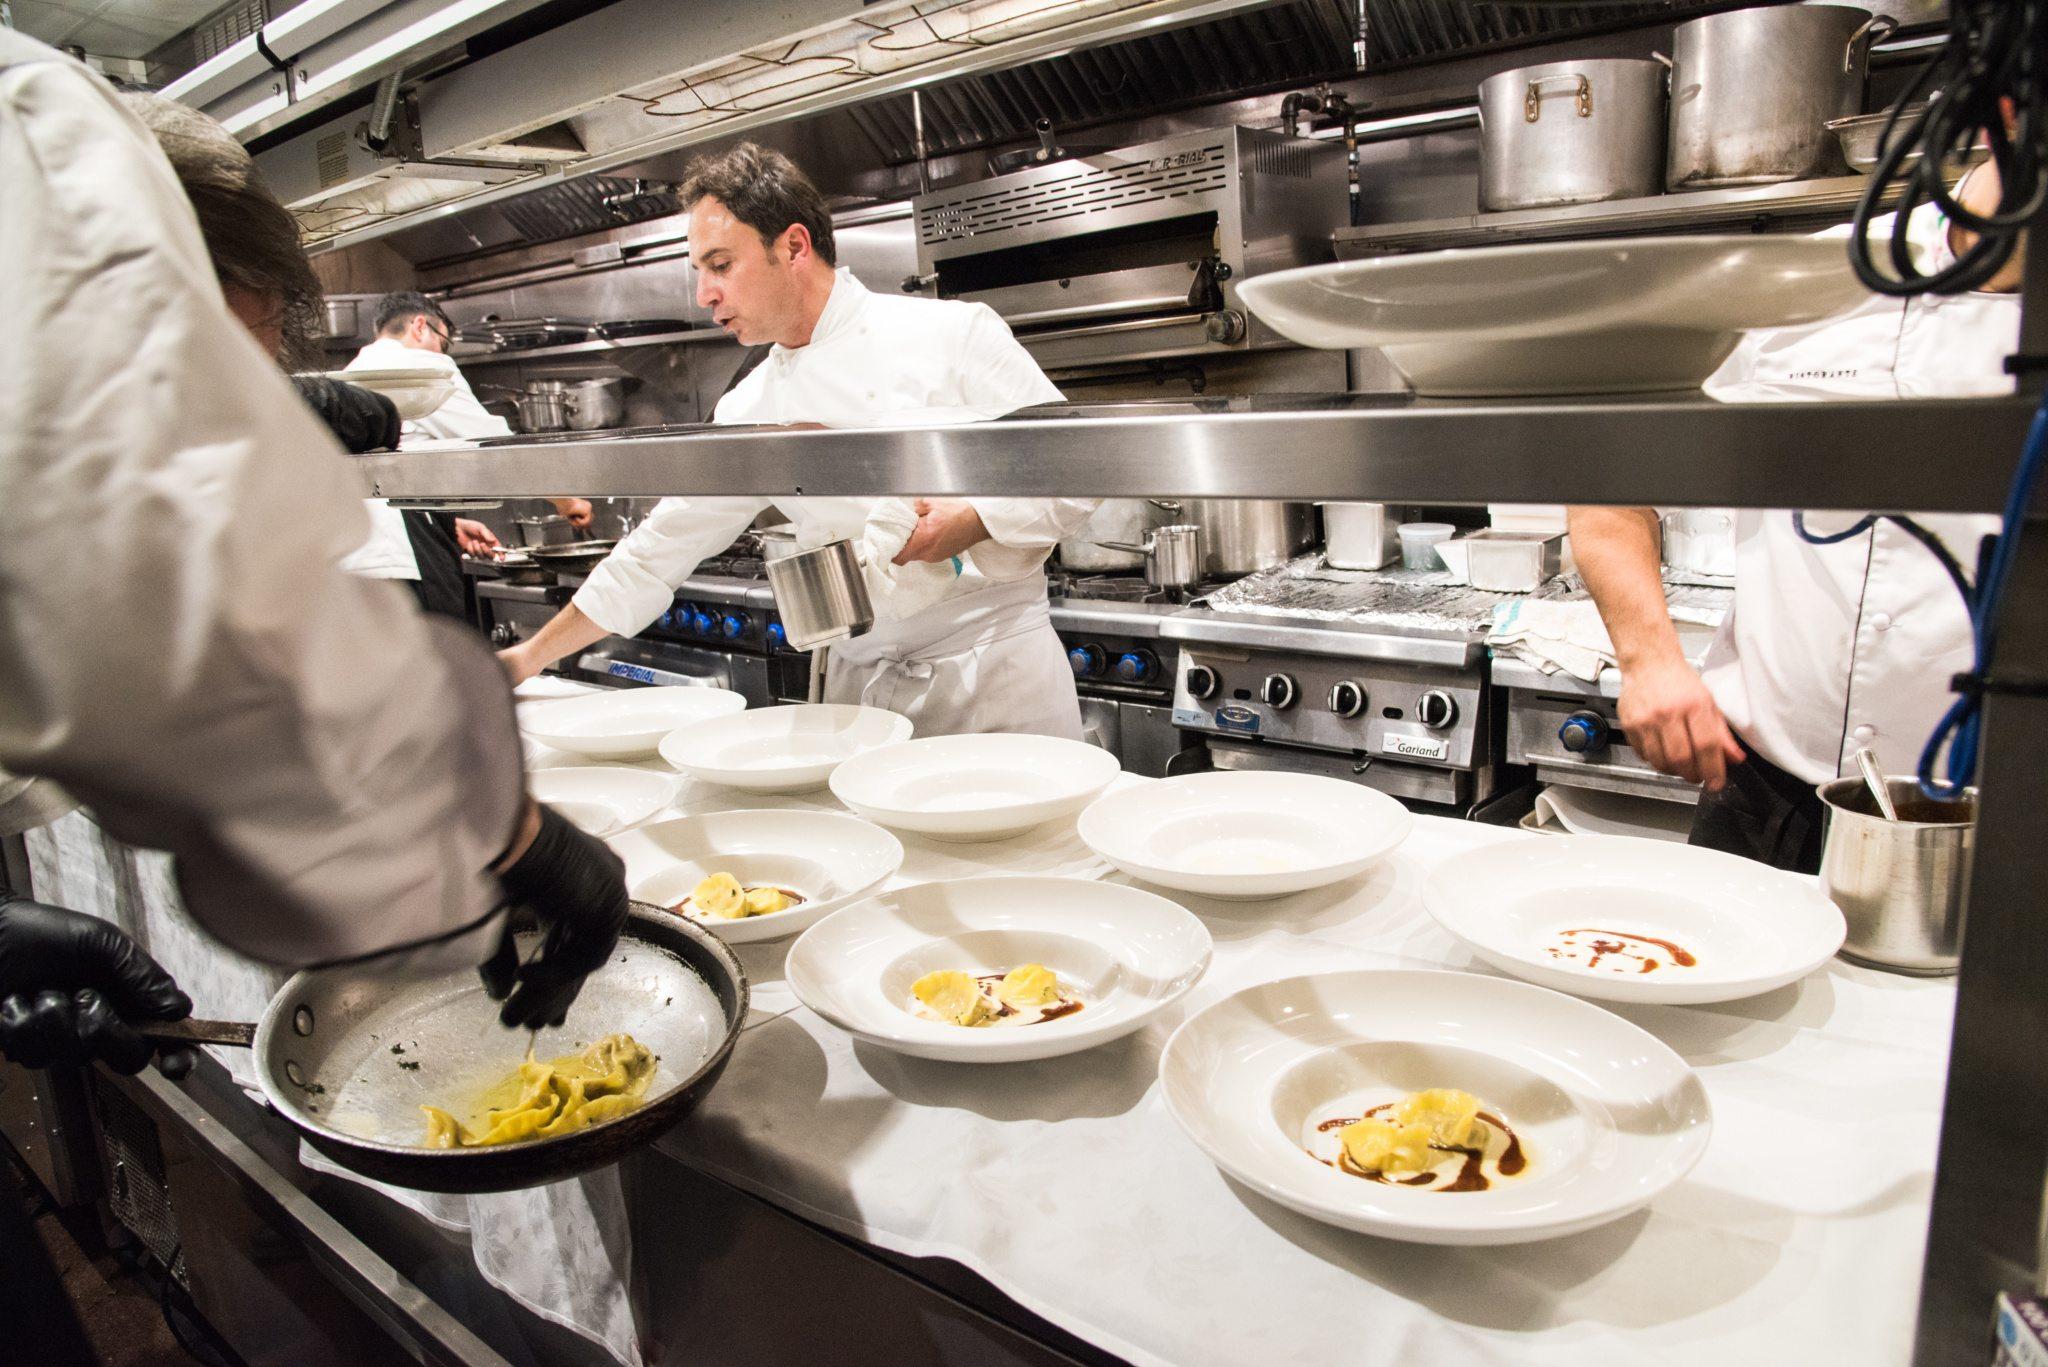 toronto-restaurants-events-sotto-sotto-italian-nino-di-costanzo-chef-line